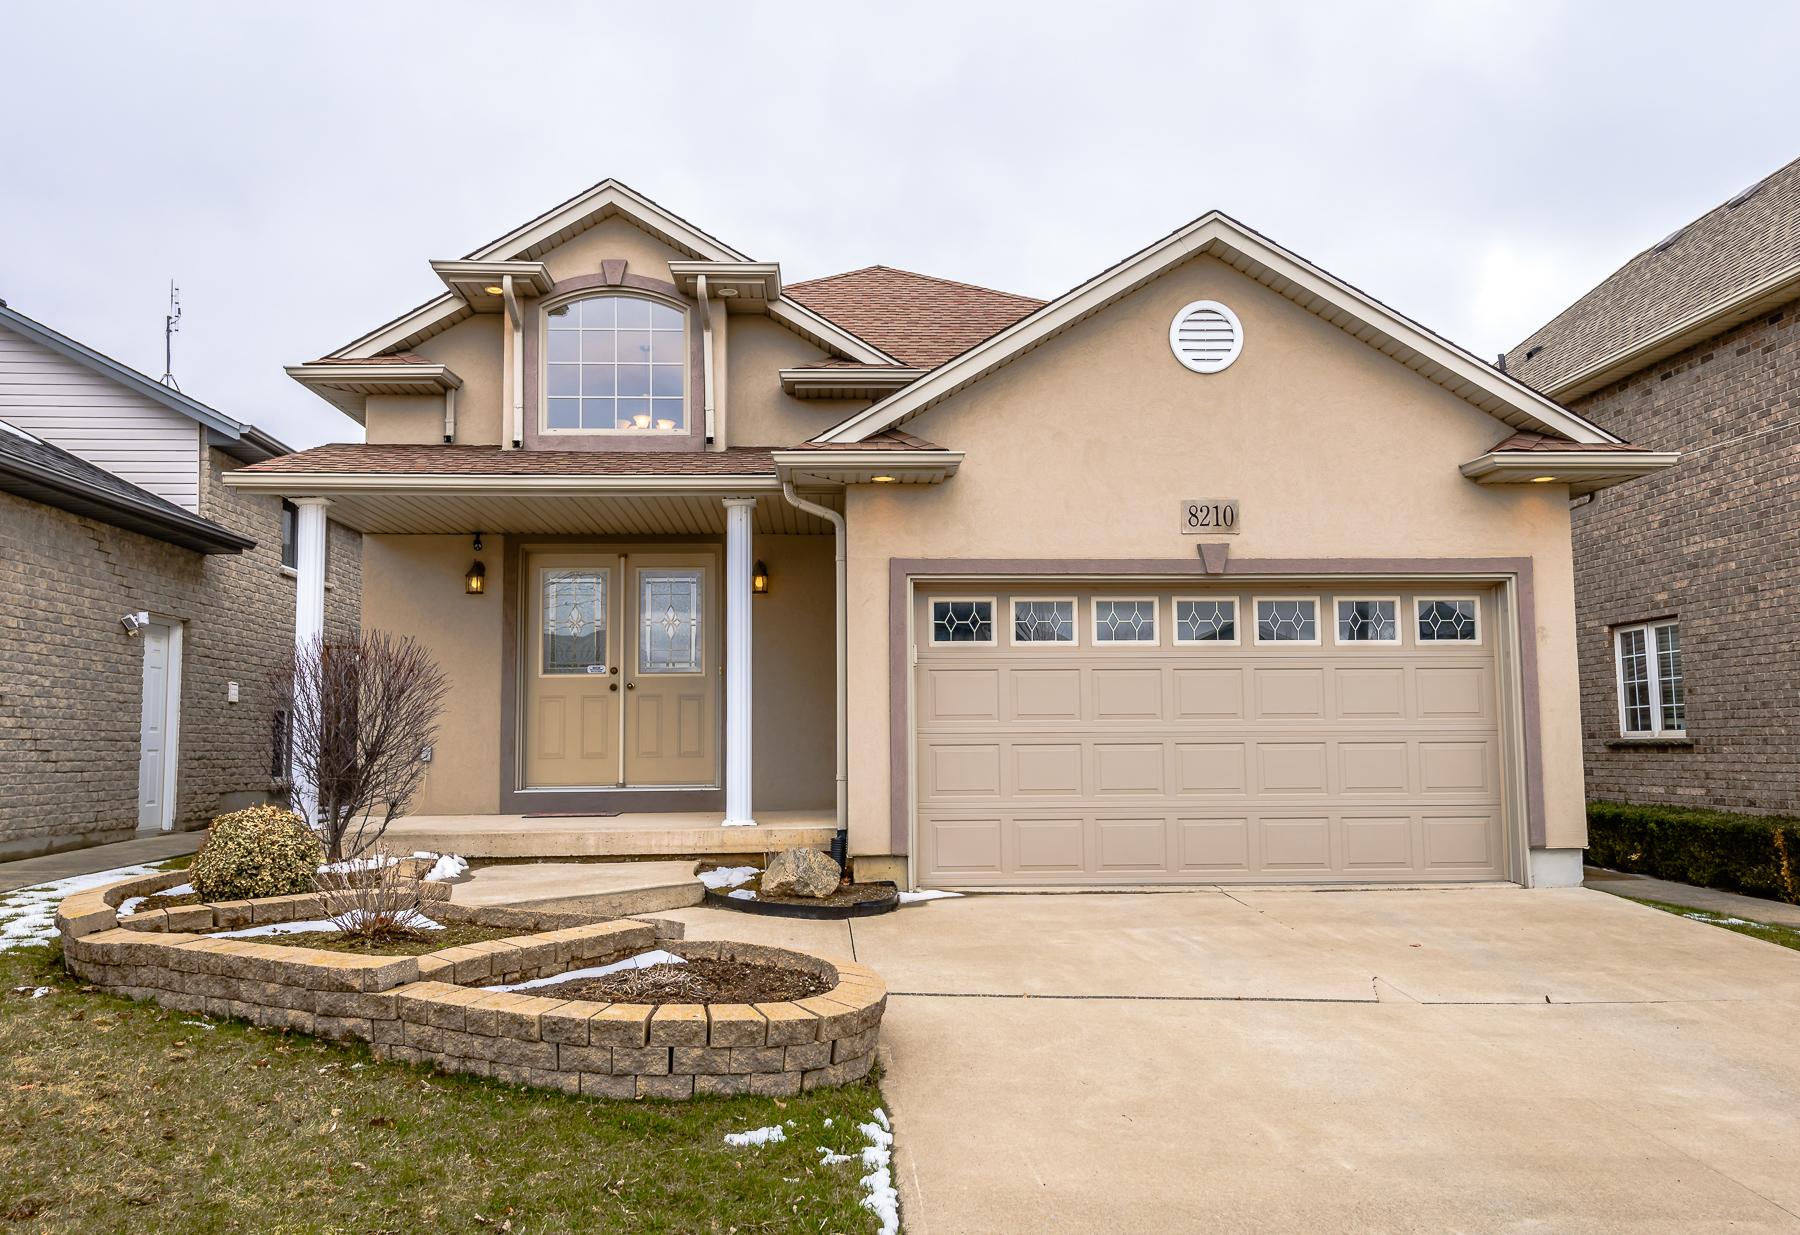 Property image for 8210 Barrett Crescent, Niagara Falls